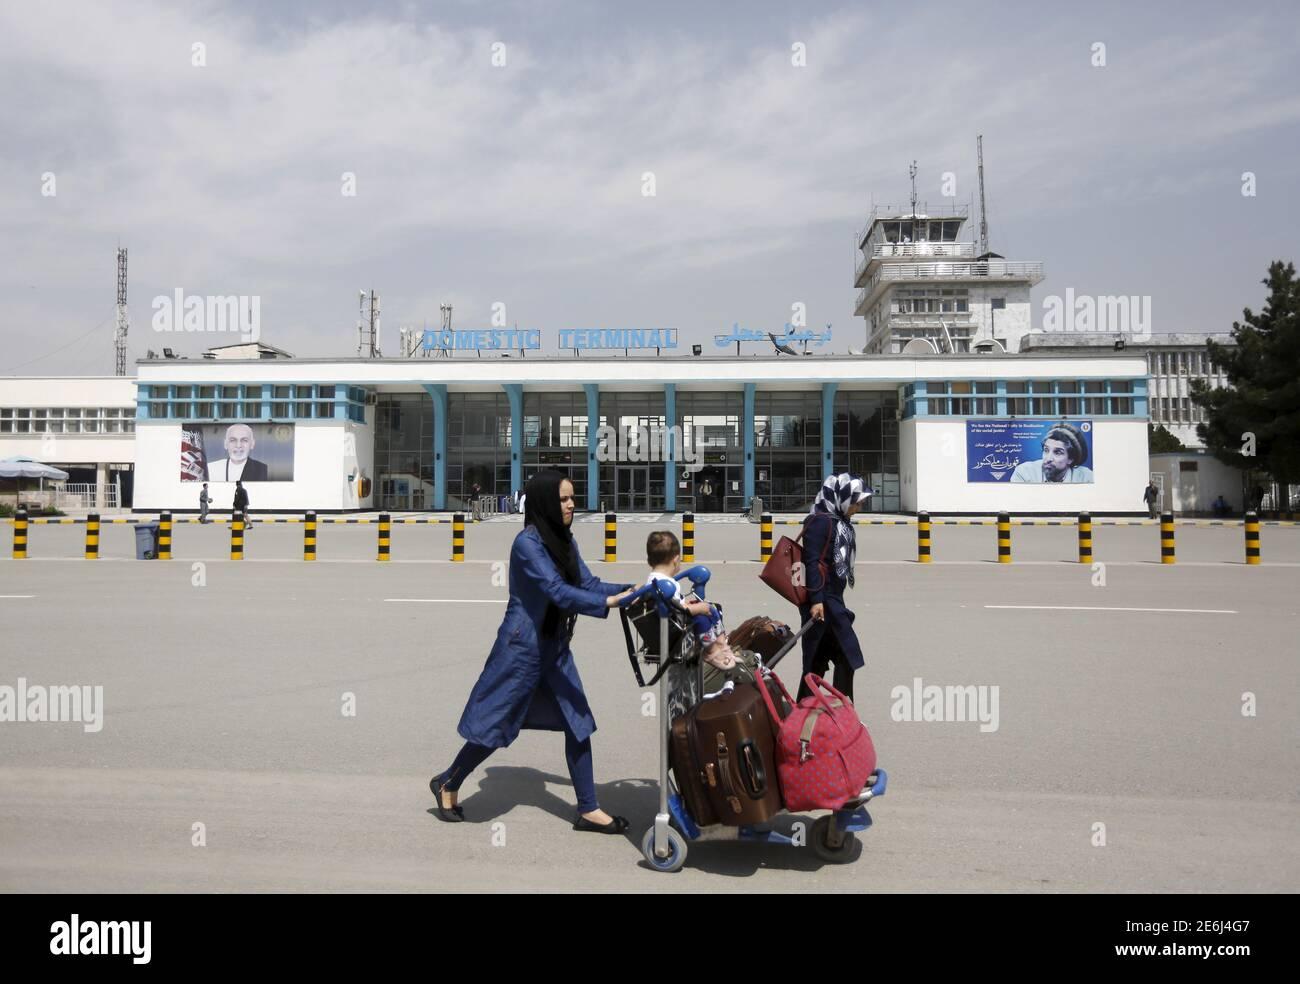 Des passagers afghans marchent devant l'aéroport international Hamid Karzaï de Kaboul, Afghanistan le 29 mars 2016. REUTERS/Omar Sobhani Banque D'Images